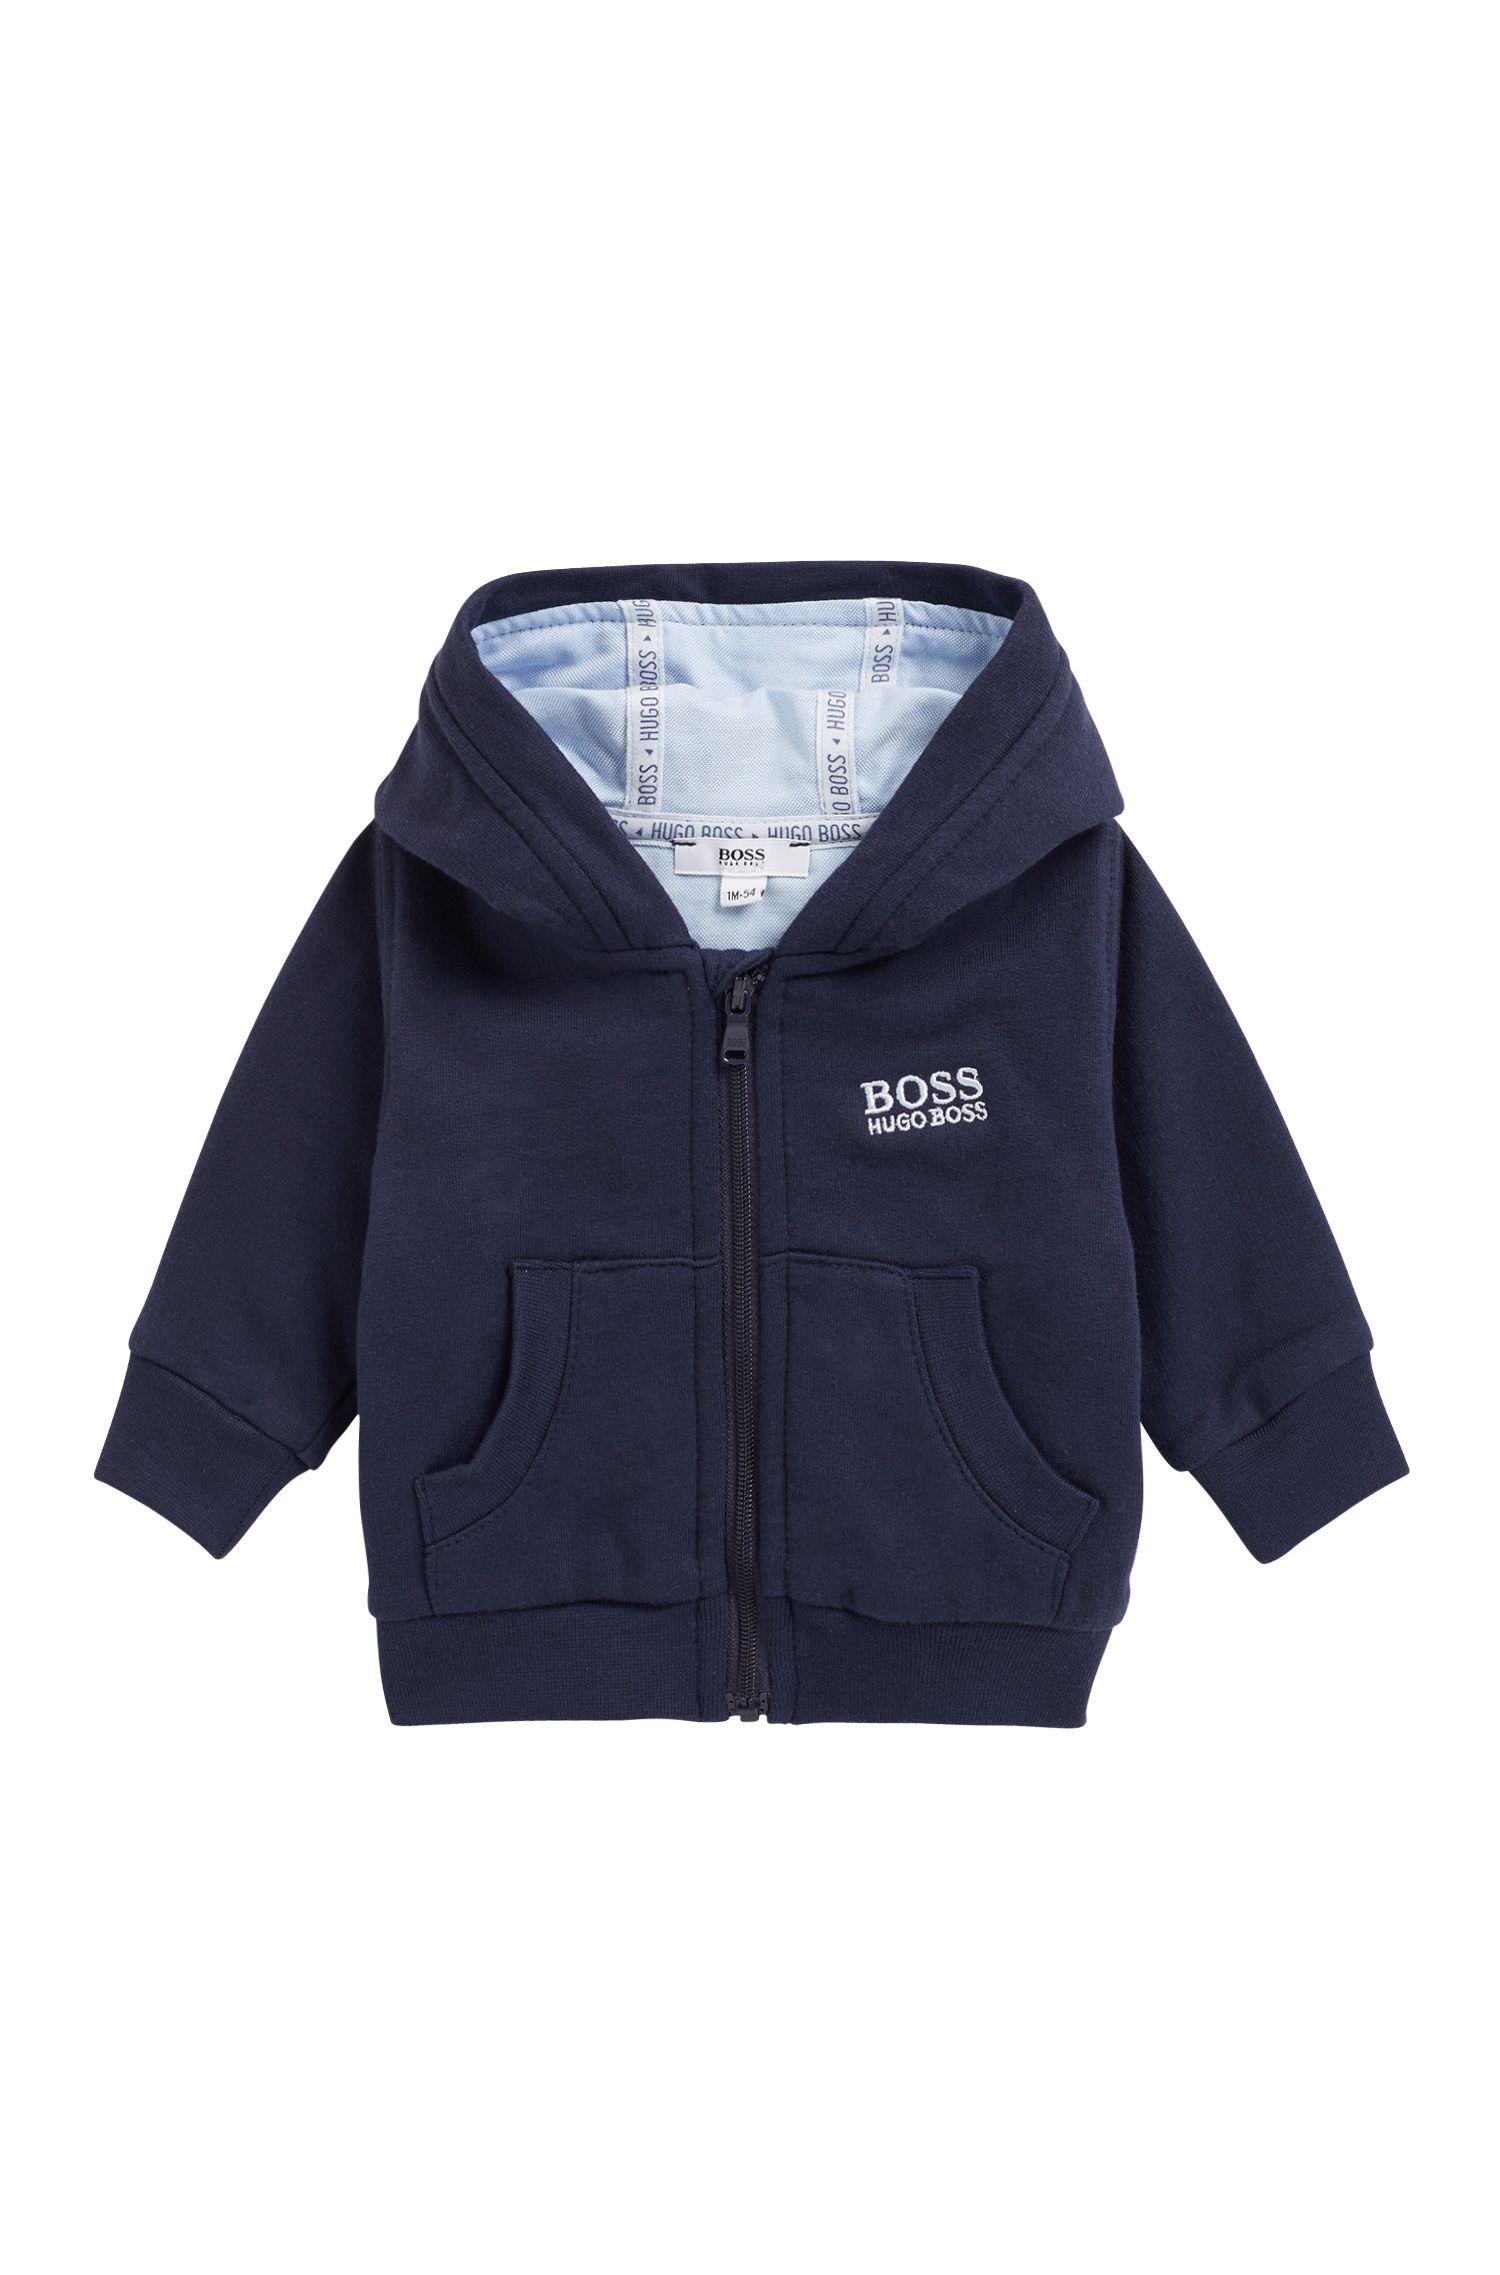 Veste d'intérieur à capuche pour bébé en molleton de coton mélangé, Bleu foncé